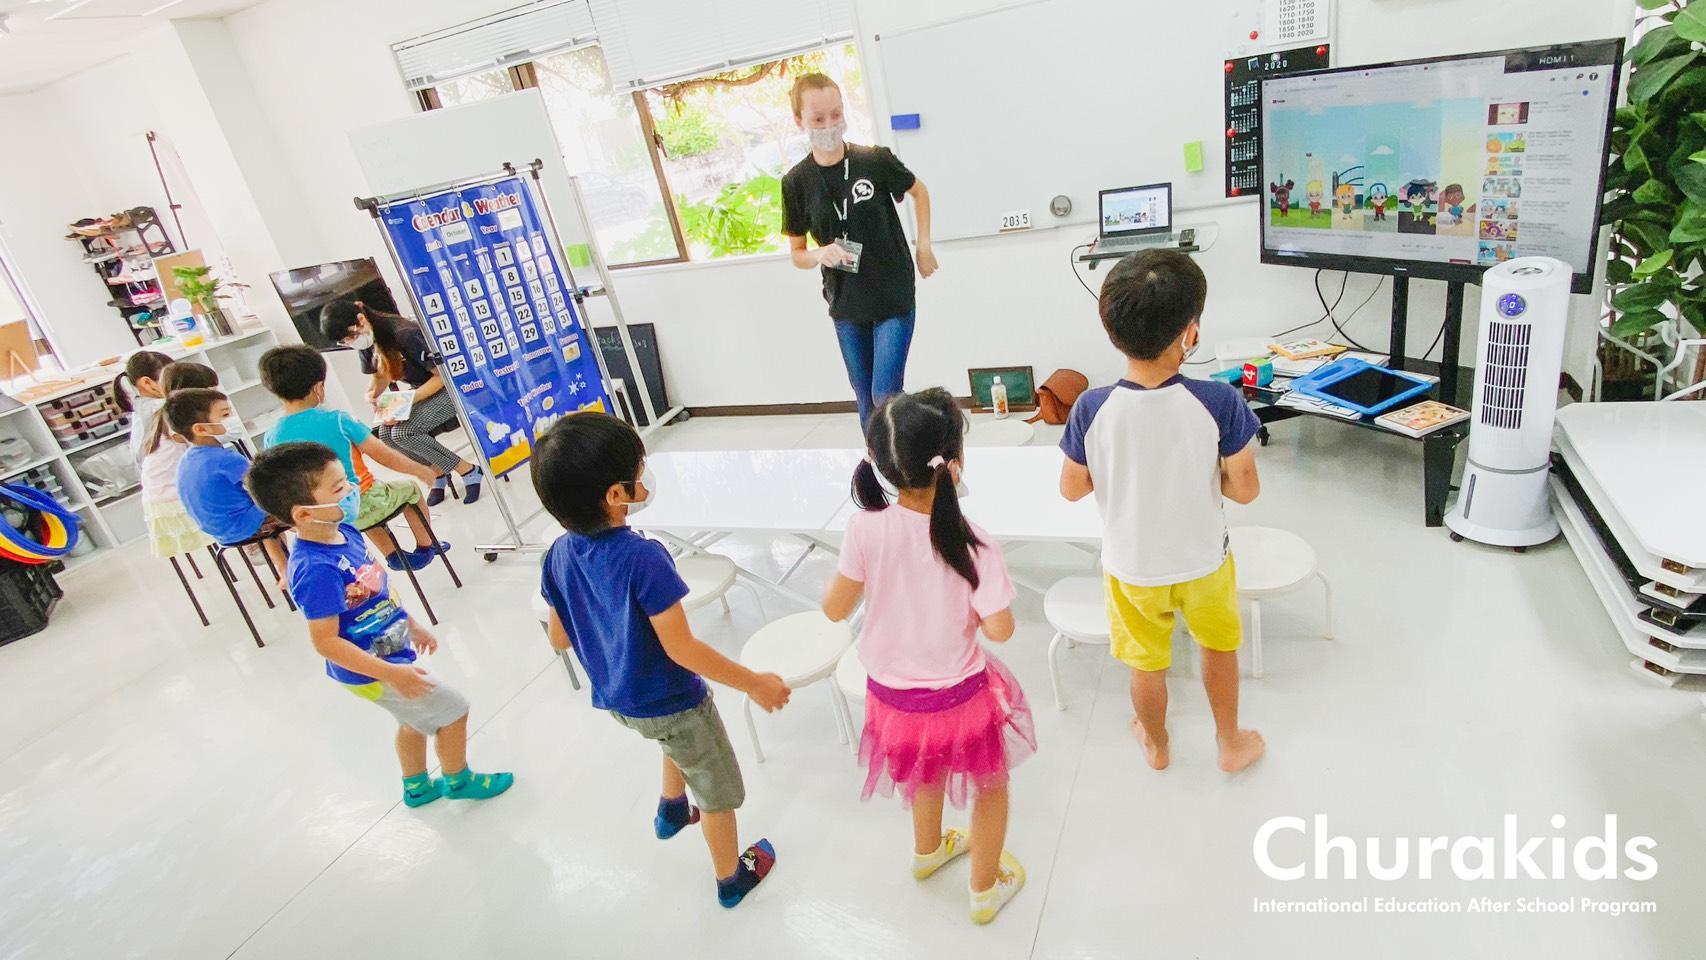 沖縄市の英会話教室 Churakids